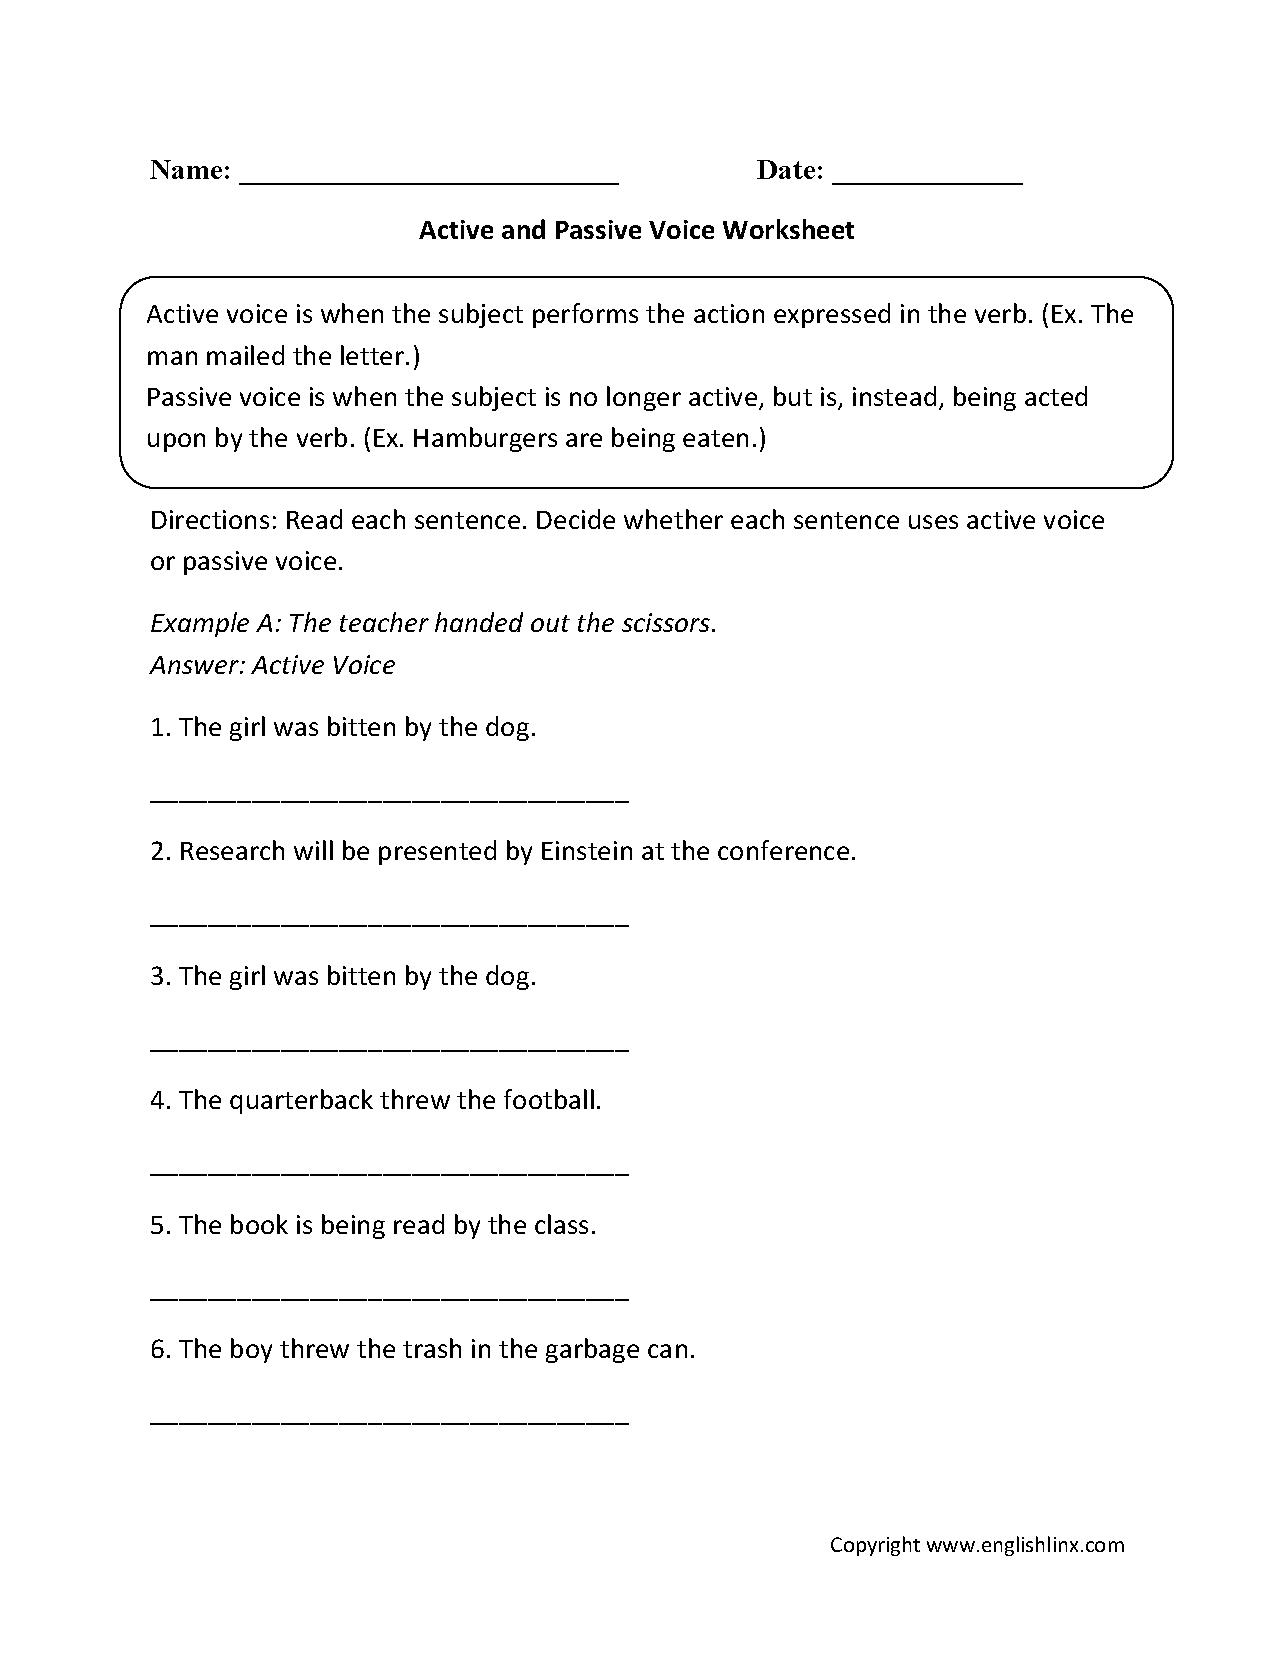 Active vs passive voice worksheet high school